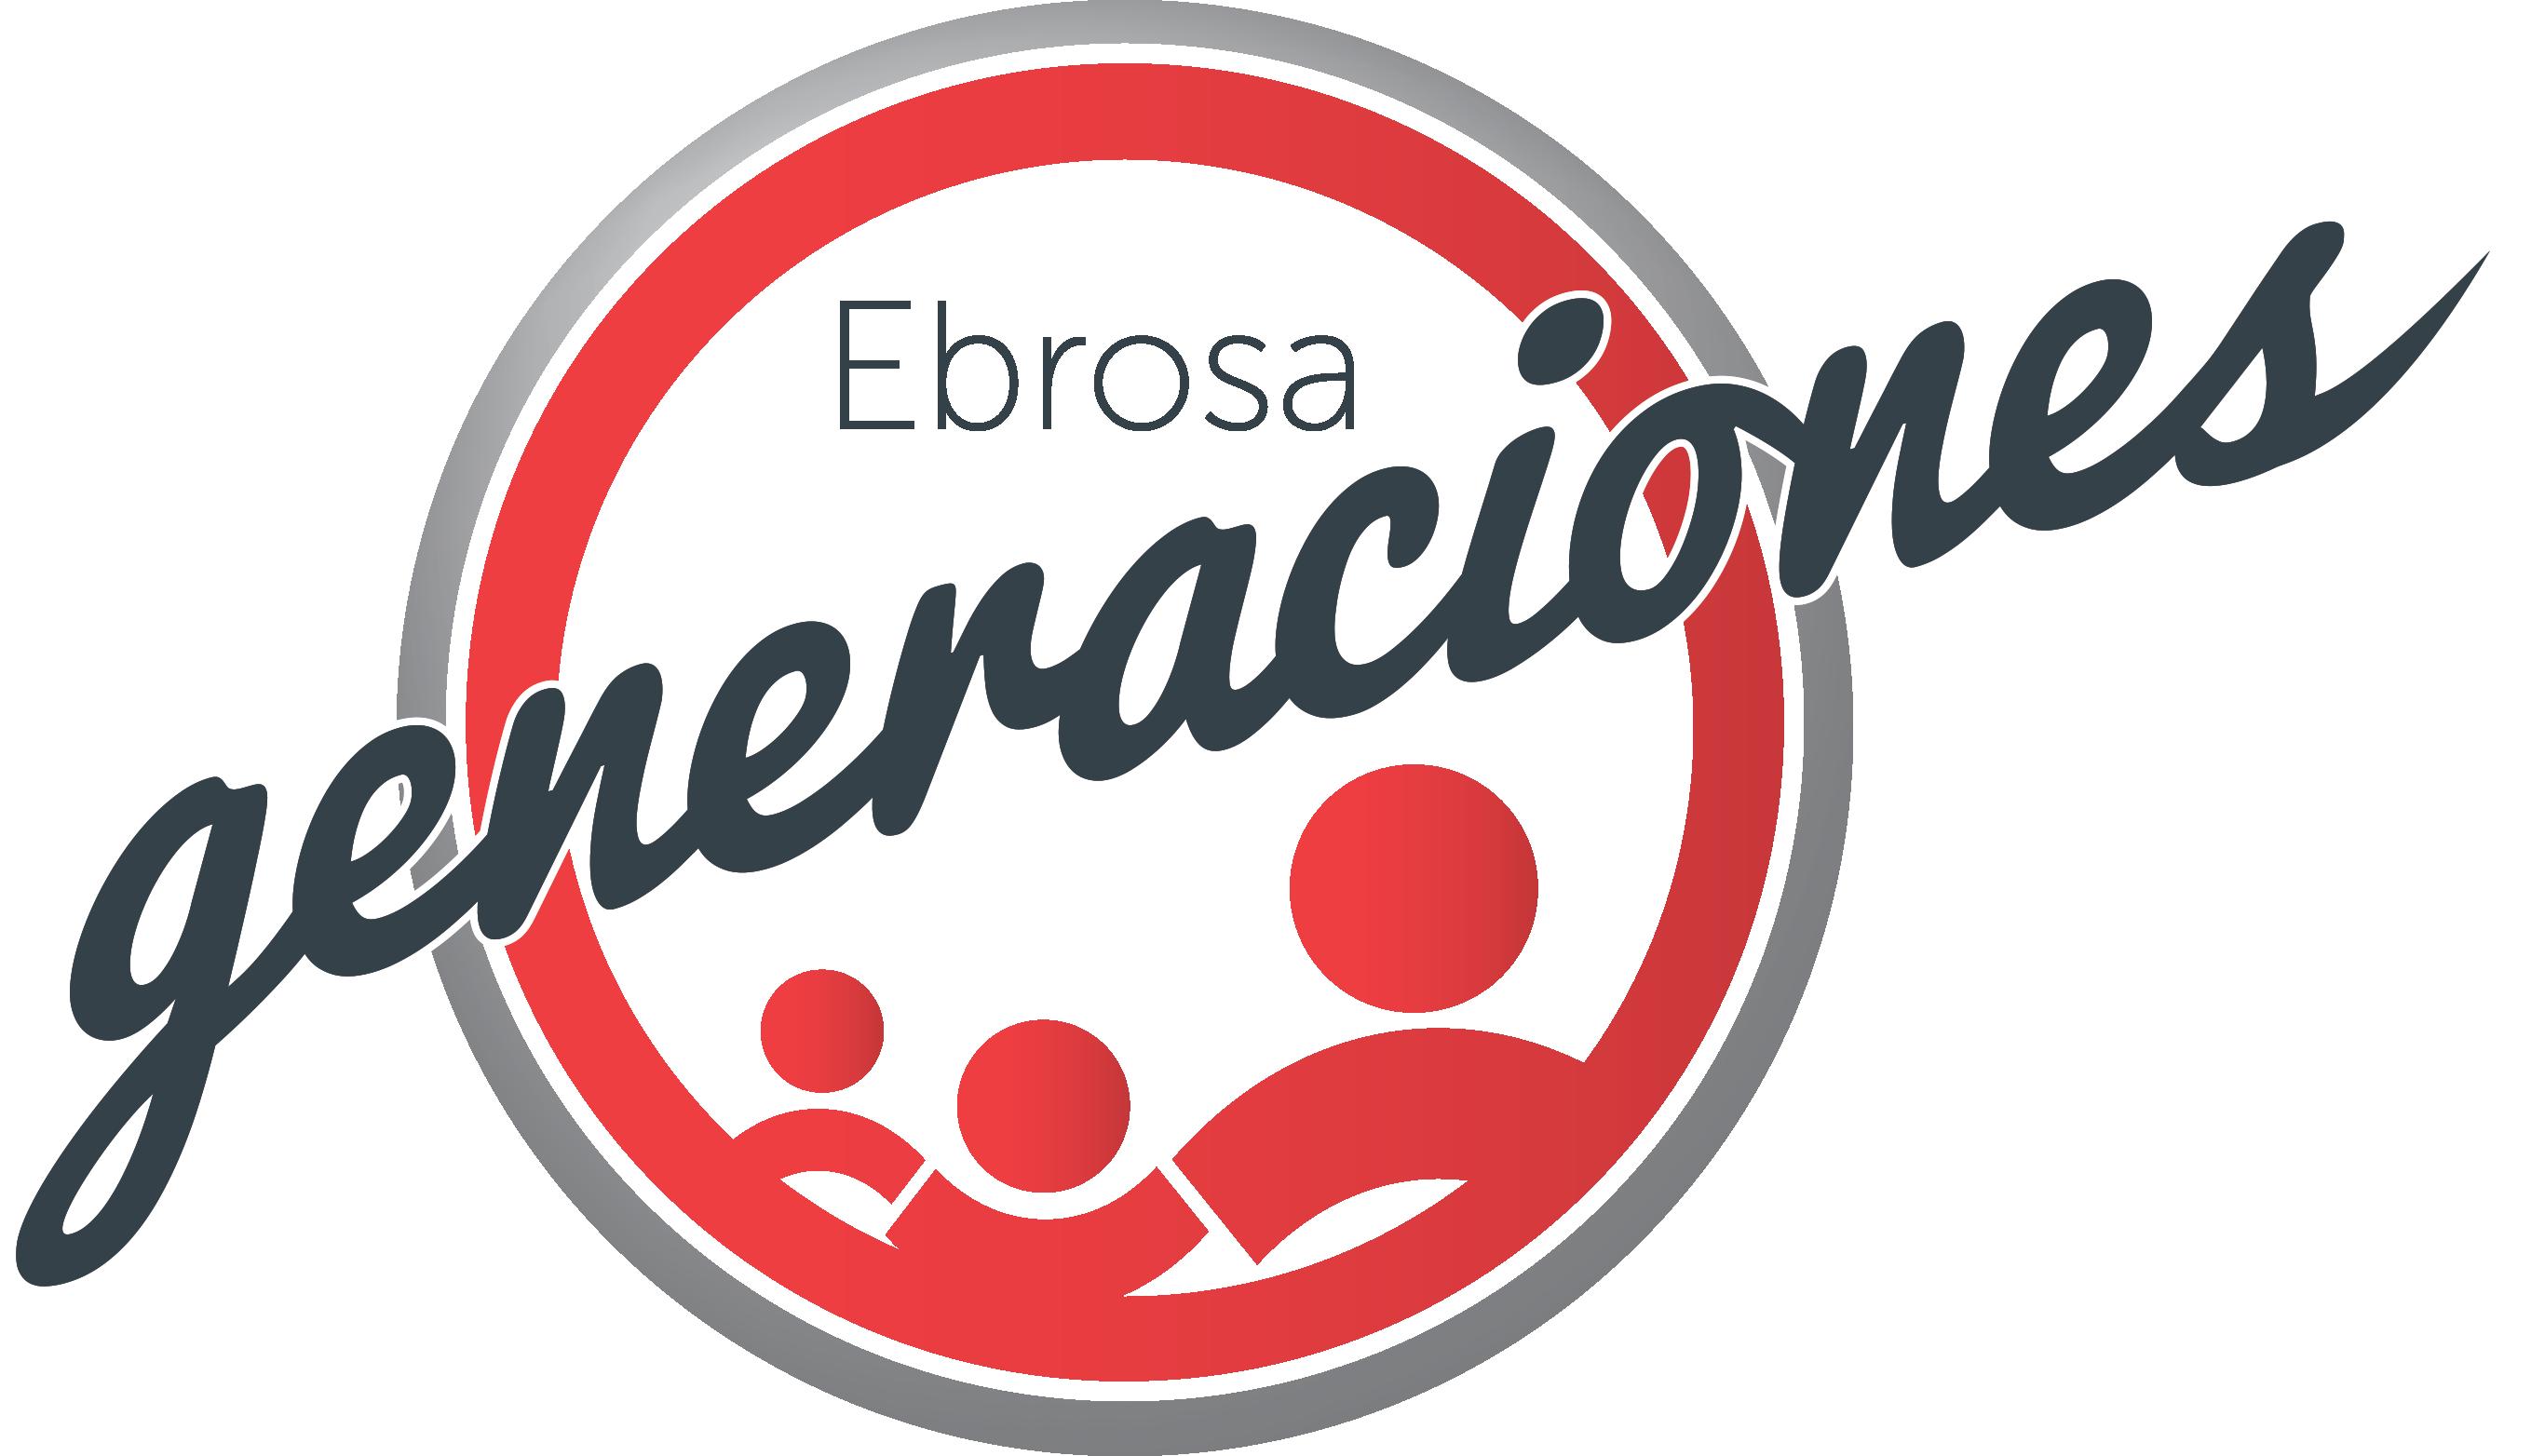 Generaciones Ebrosa